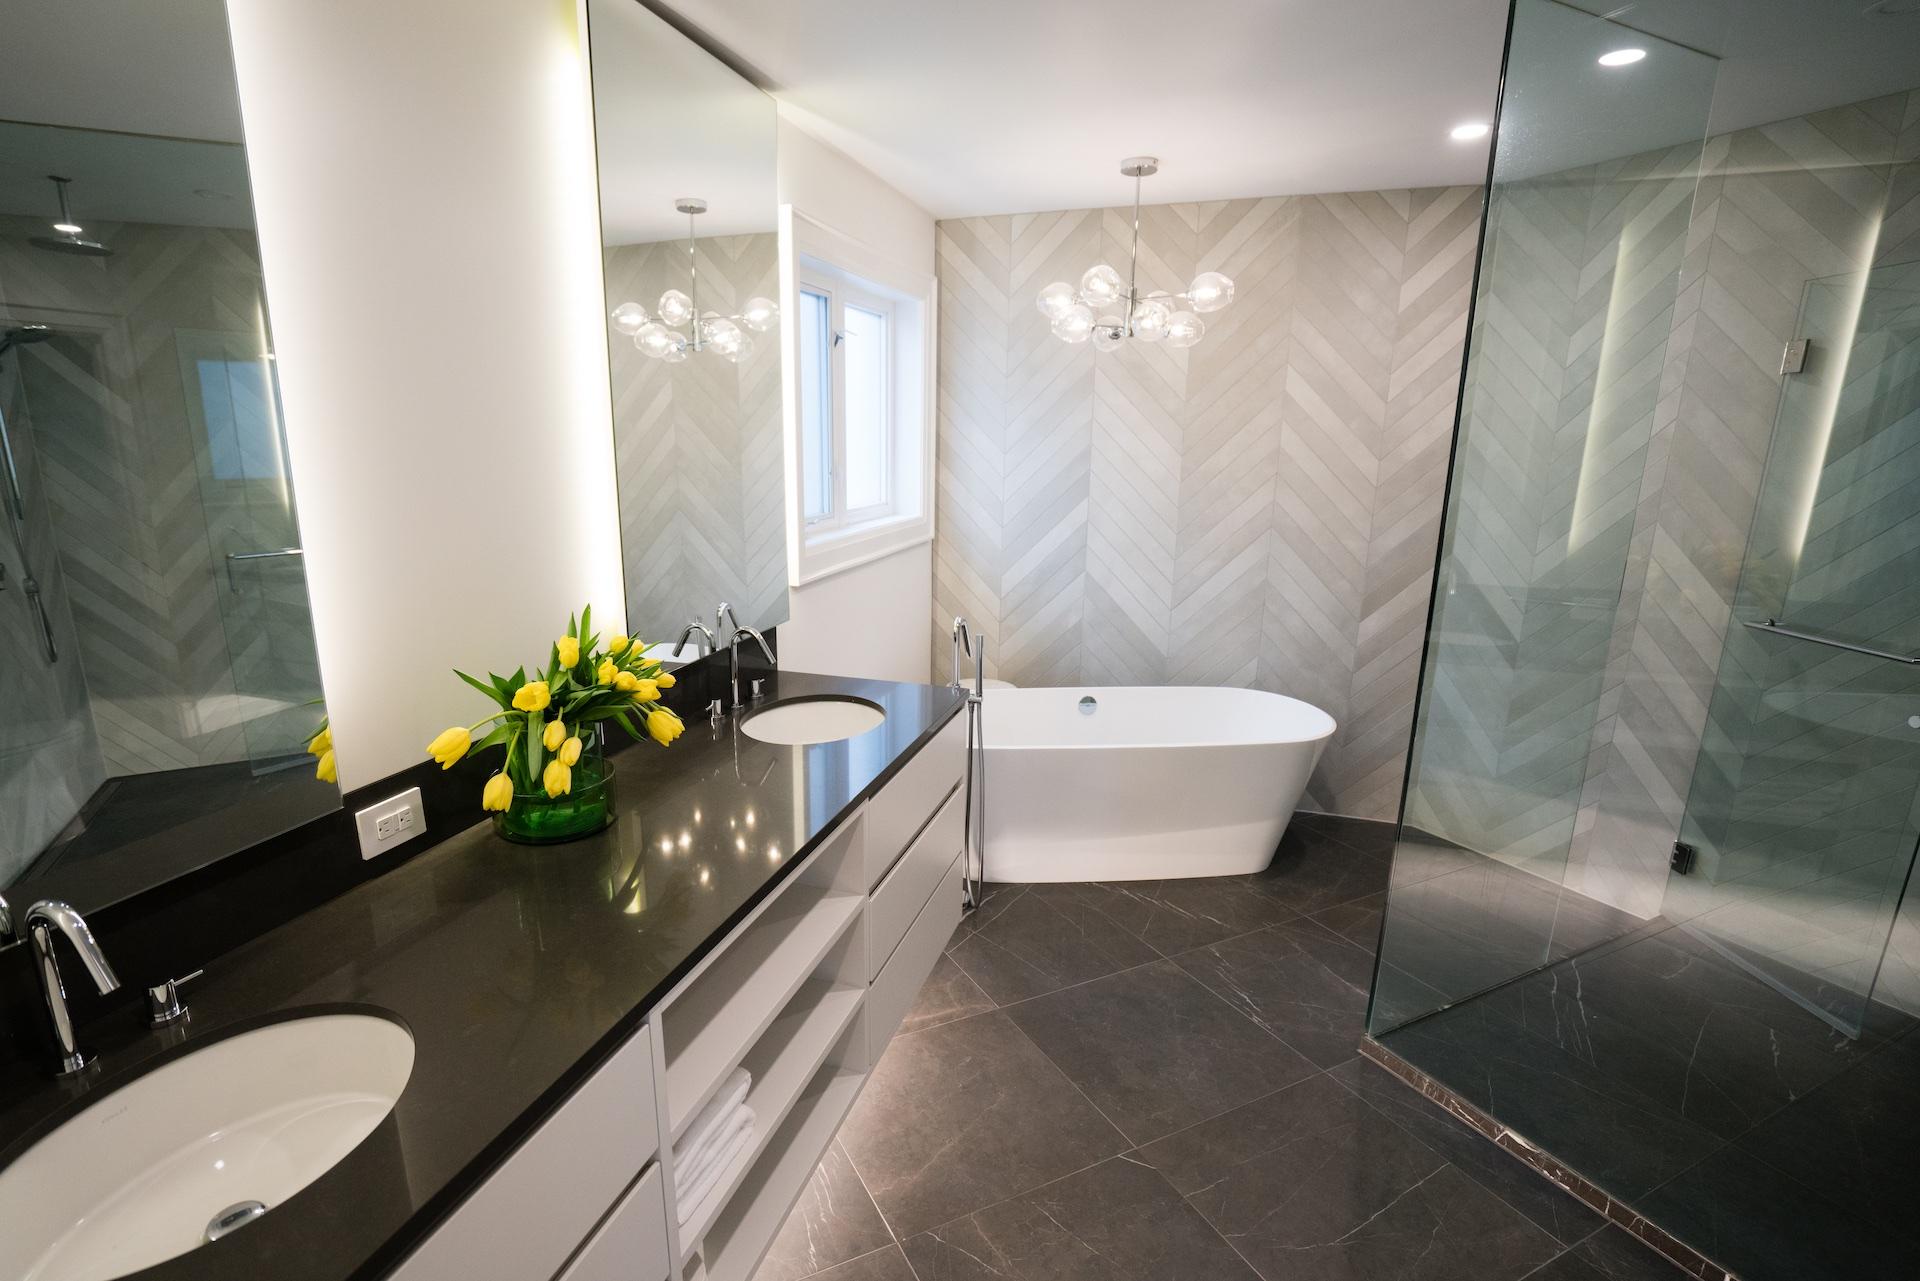 bathroom sink with tub